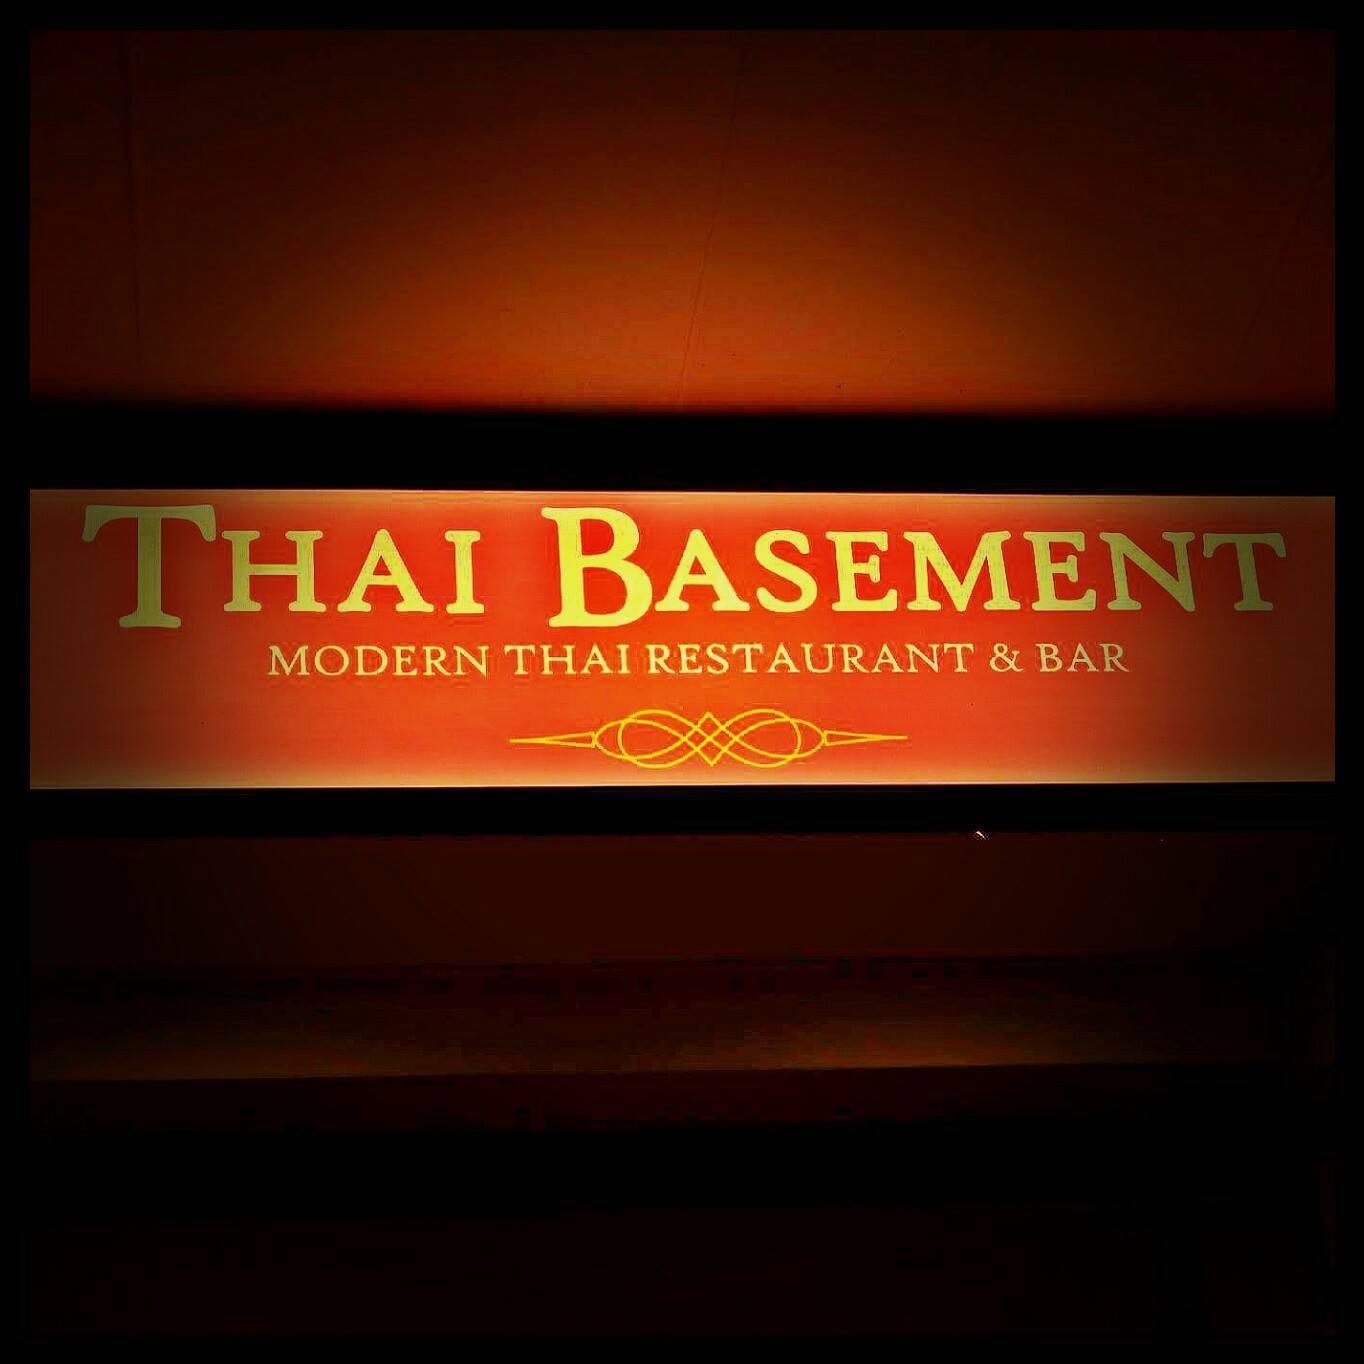 Thai Basement Gladstone